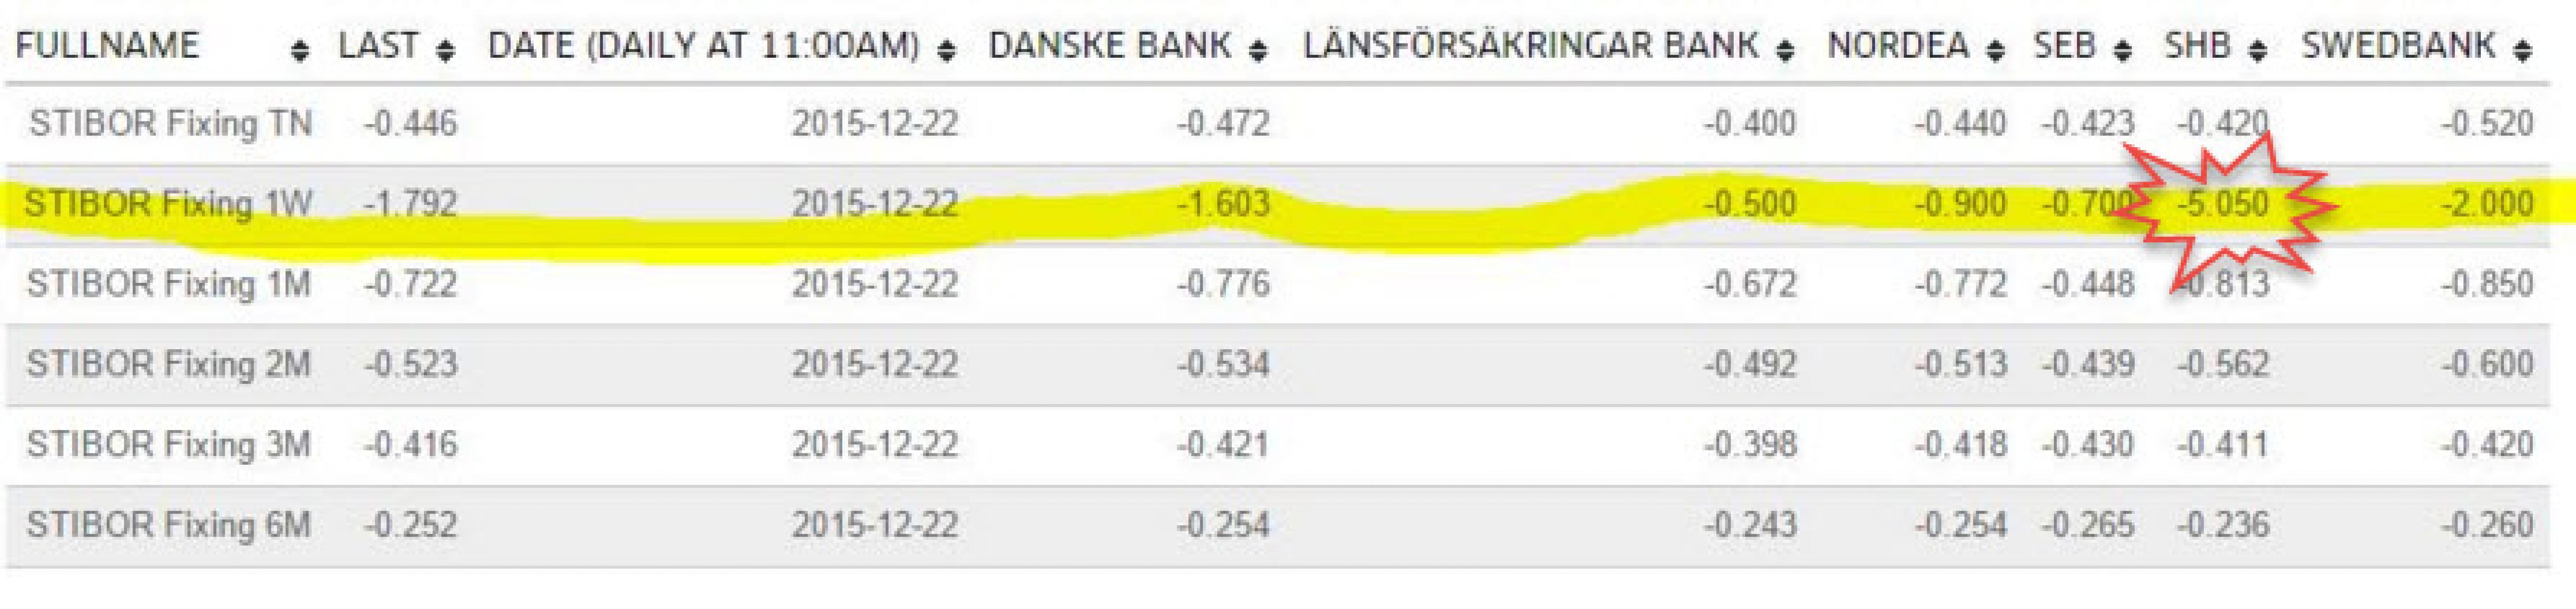 Сумасшествие на денежном рынке Швеции